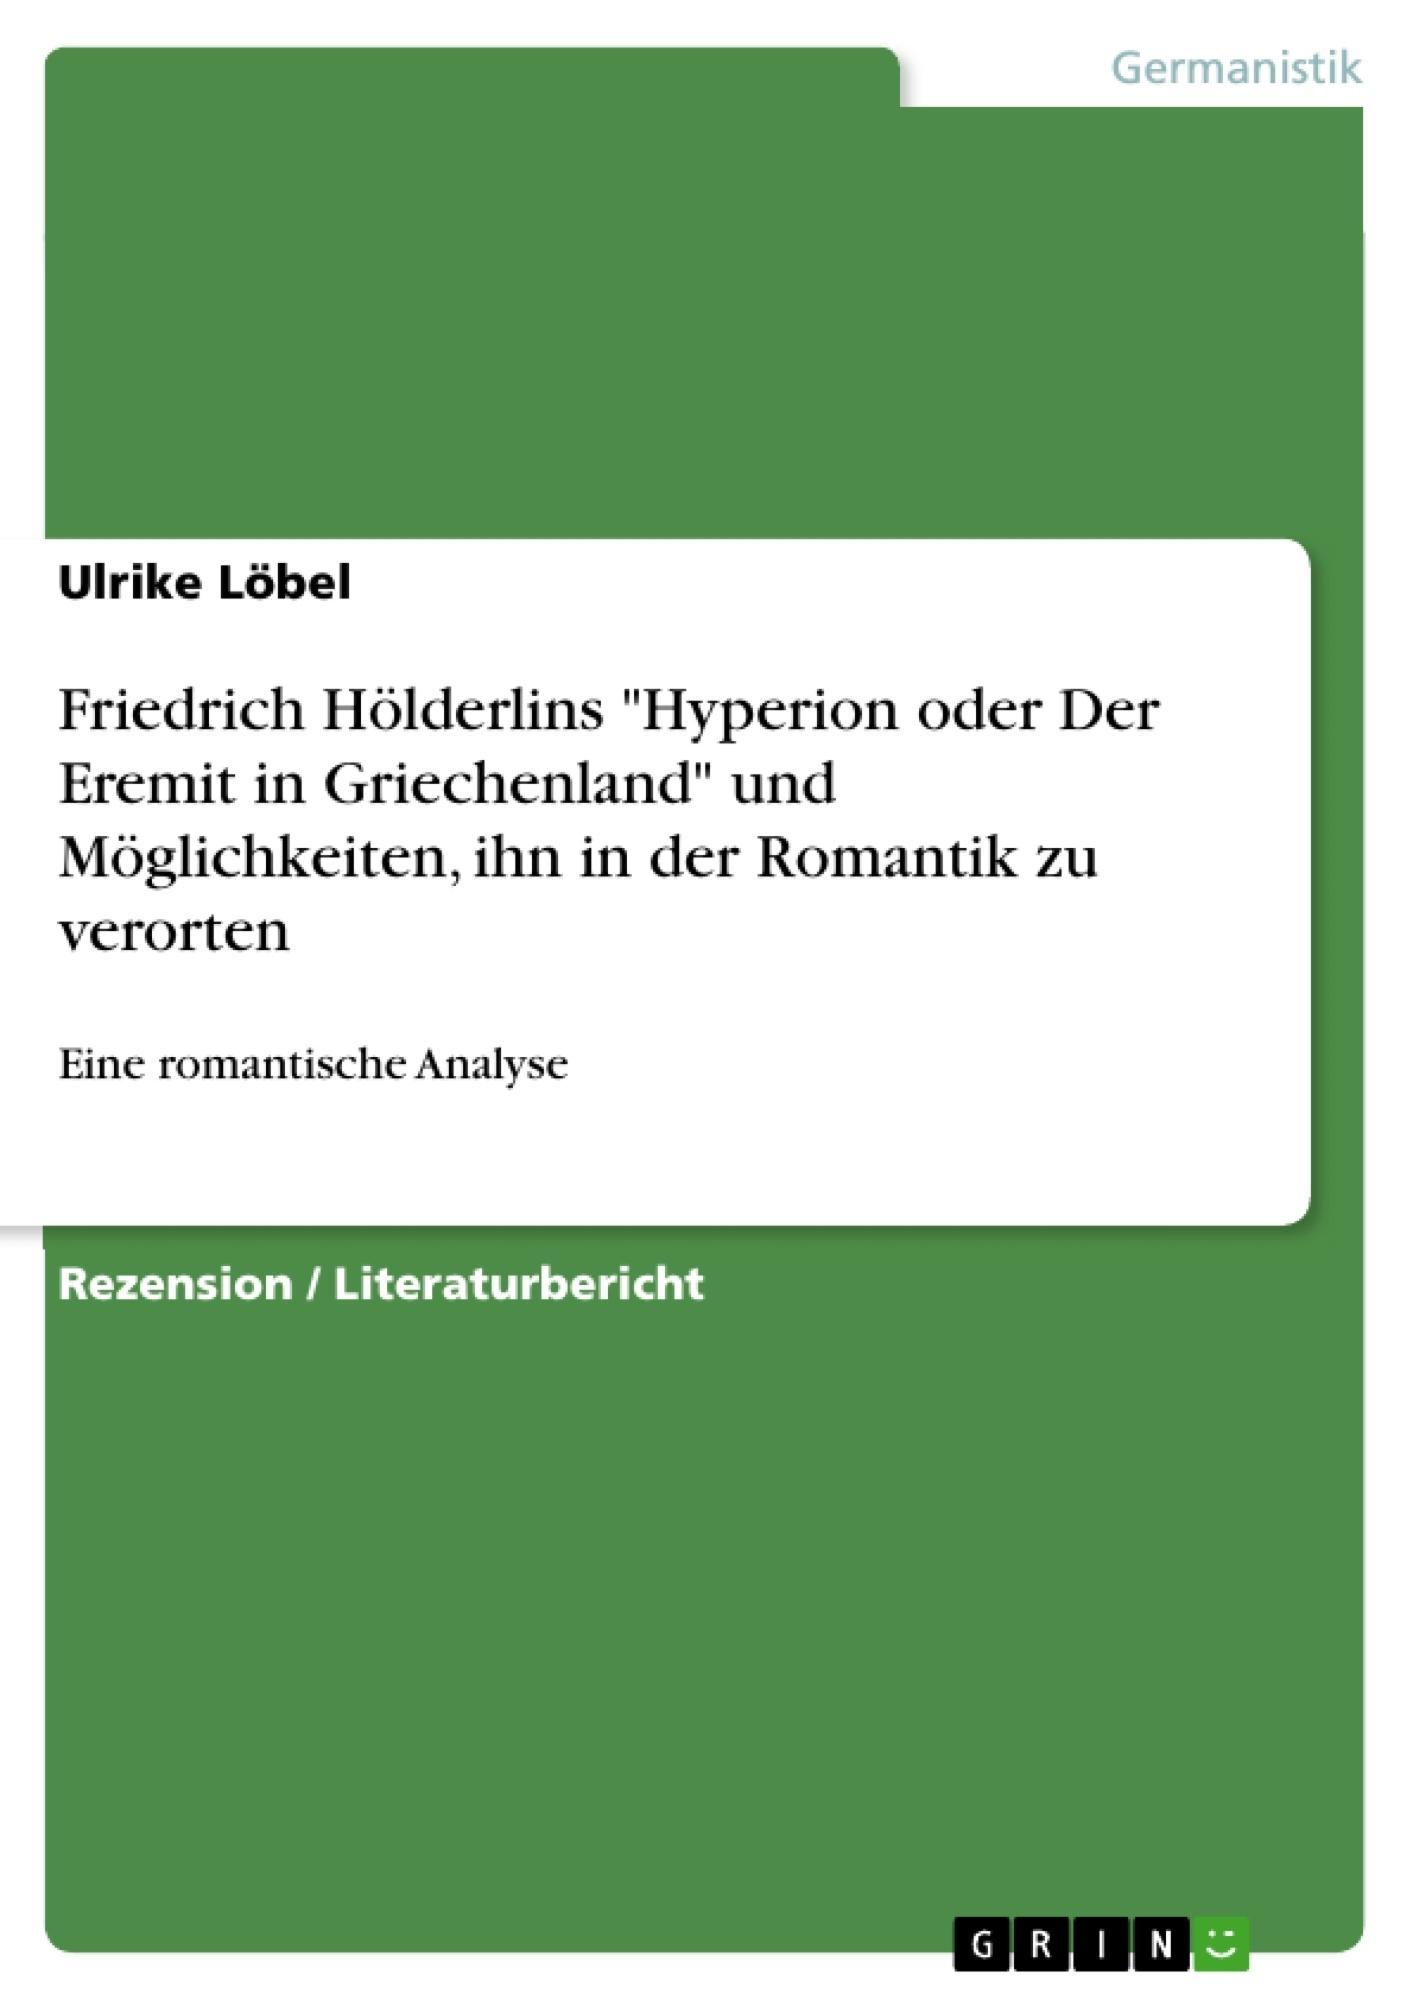 """Titel: Friedrich Hölderlins """"Hyperion oder Der Eremit in Griechenland"""" und Möglichkeiten, ihn in der Romantik zu verorten"""